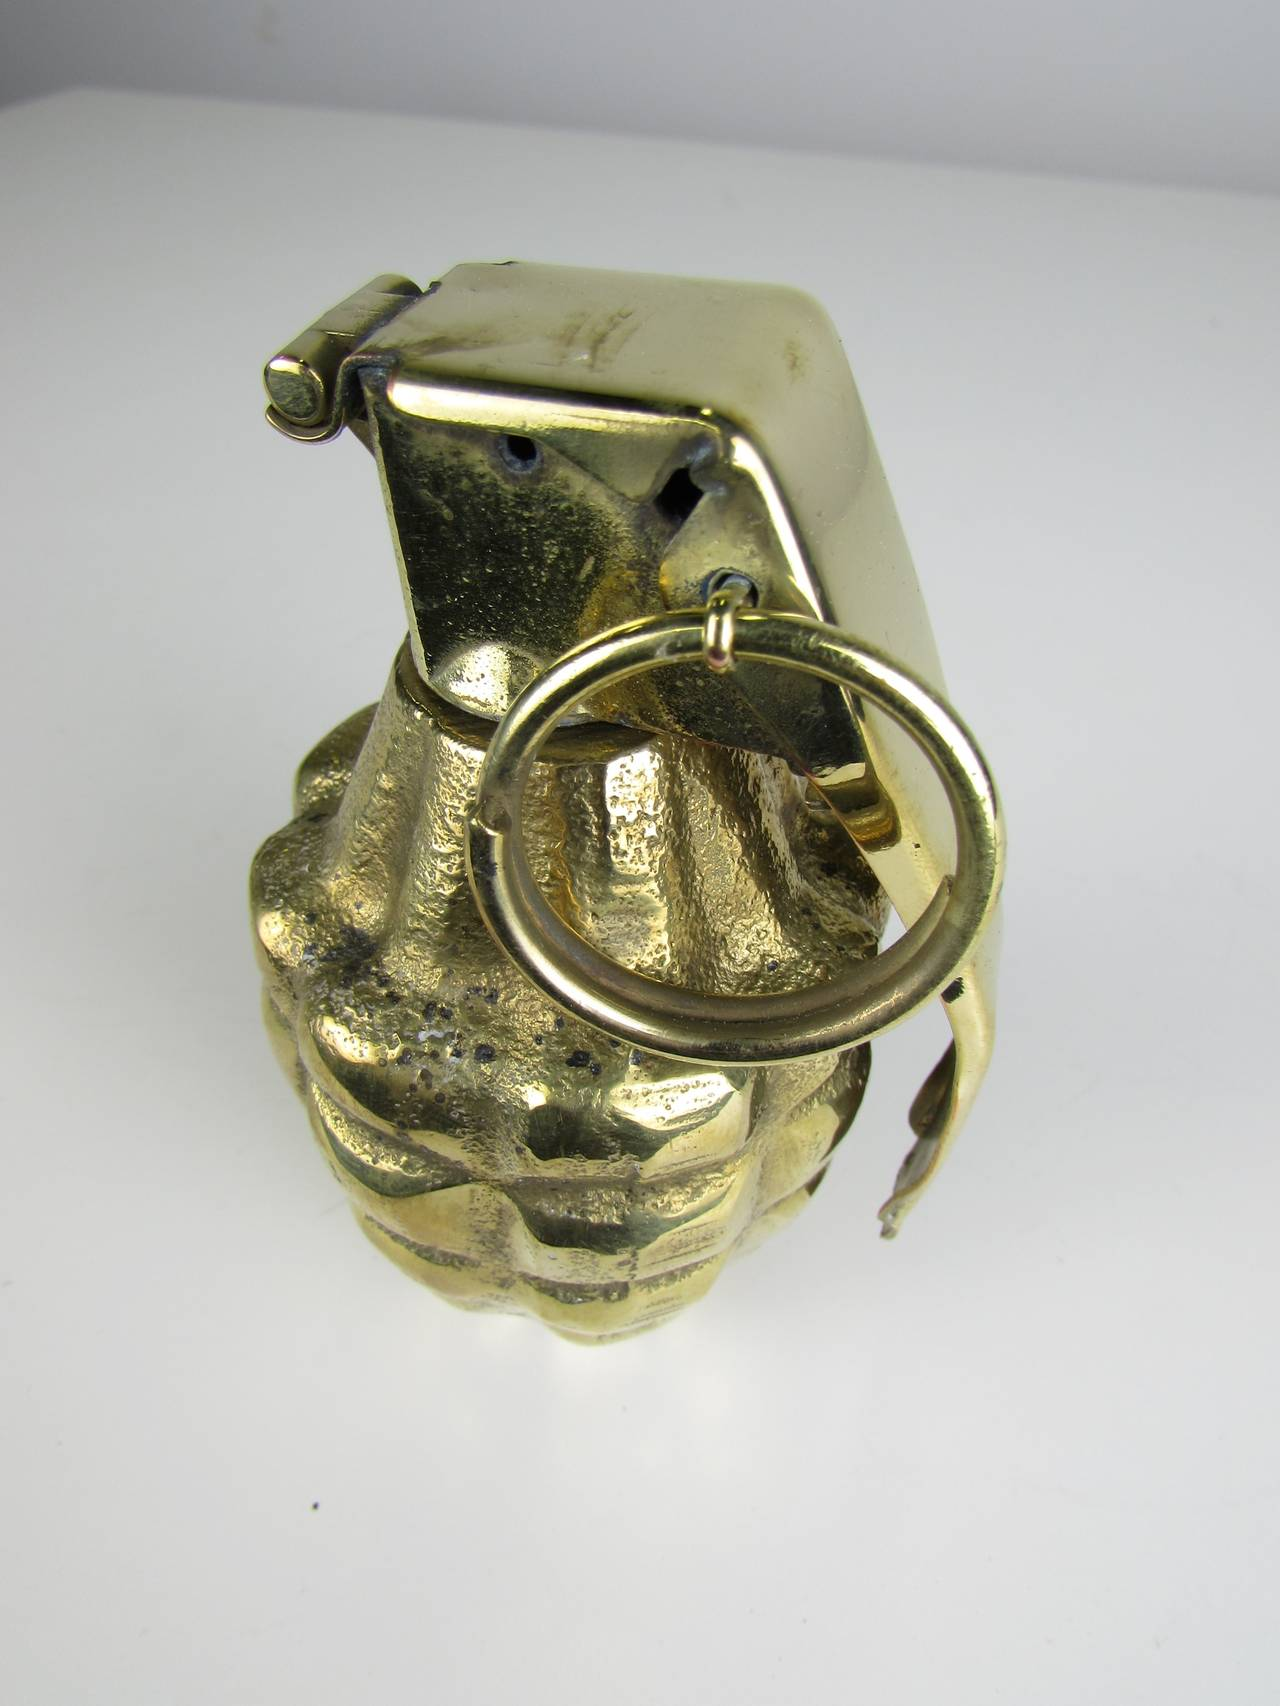 Brass-Plated Pop Art Hand Grenade Paperweight Desk Object